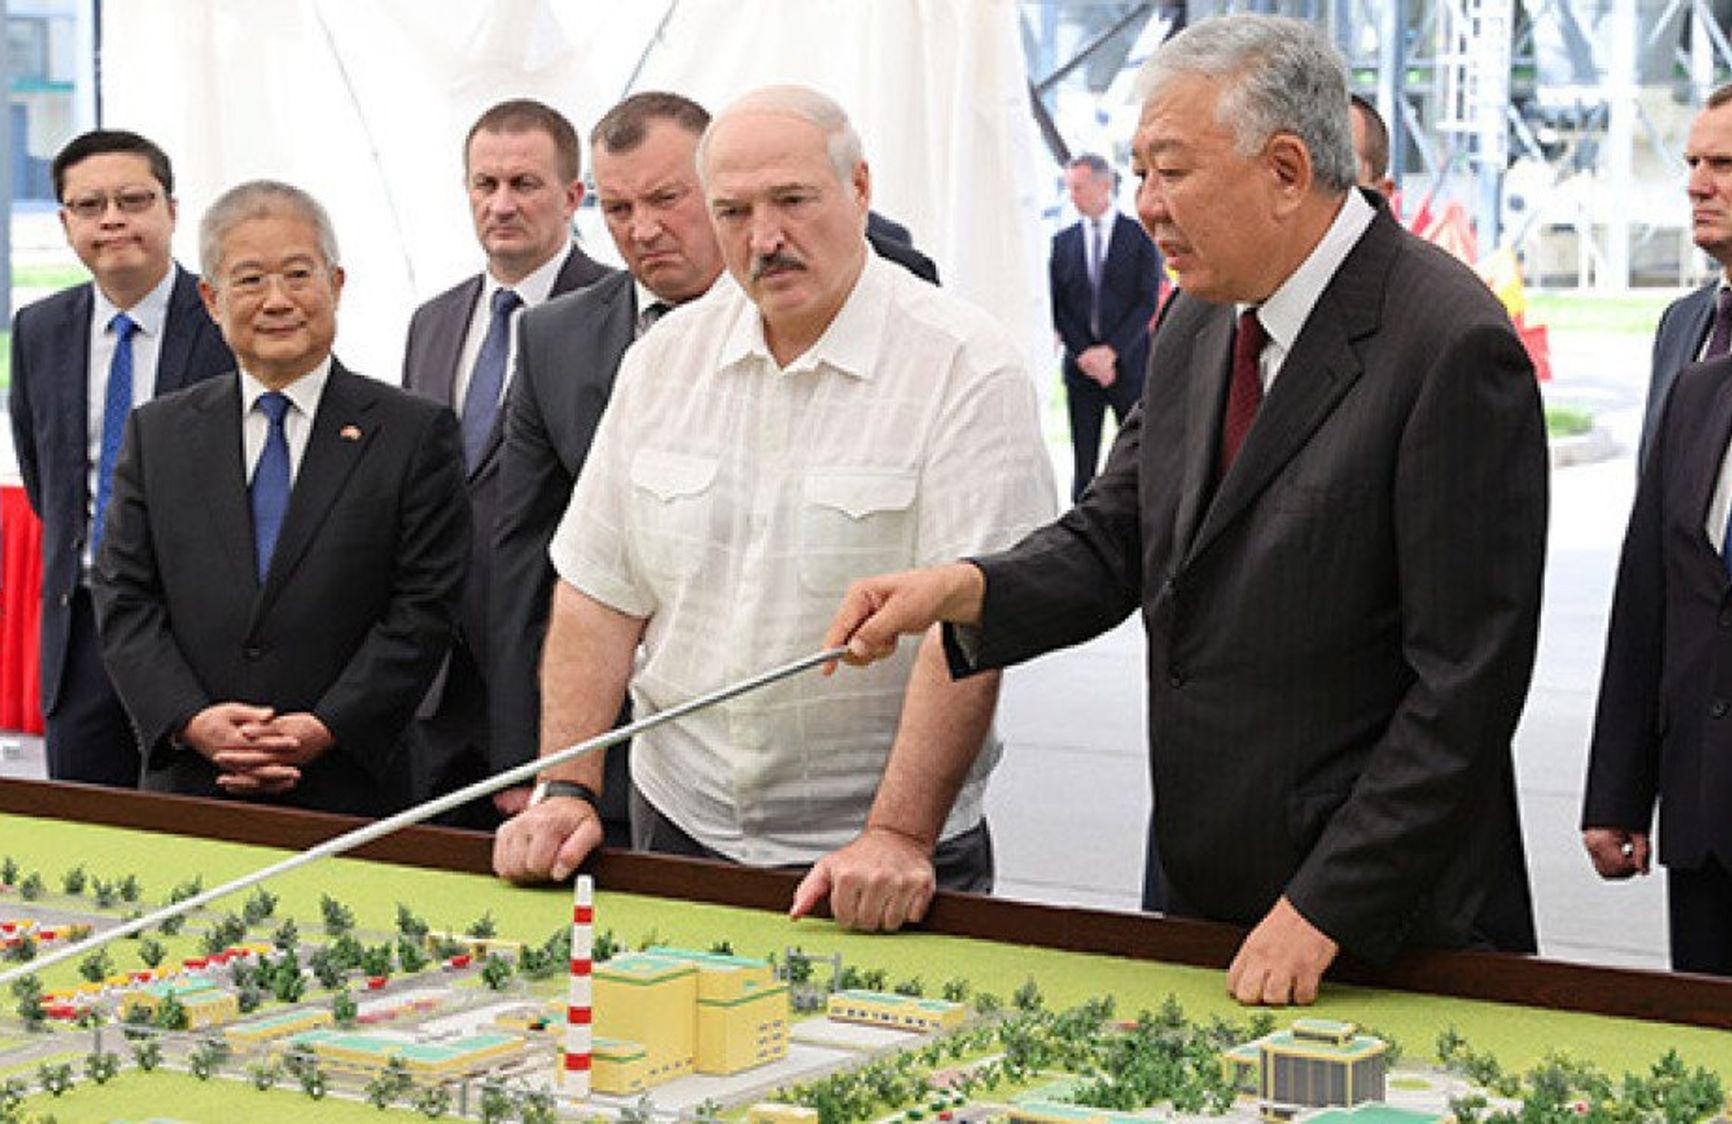 10 августа 2020 г. Александр Лукашенко и Данияр Усенов